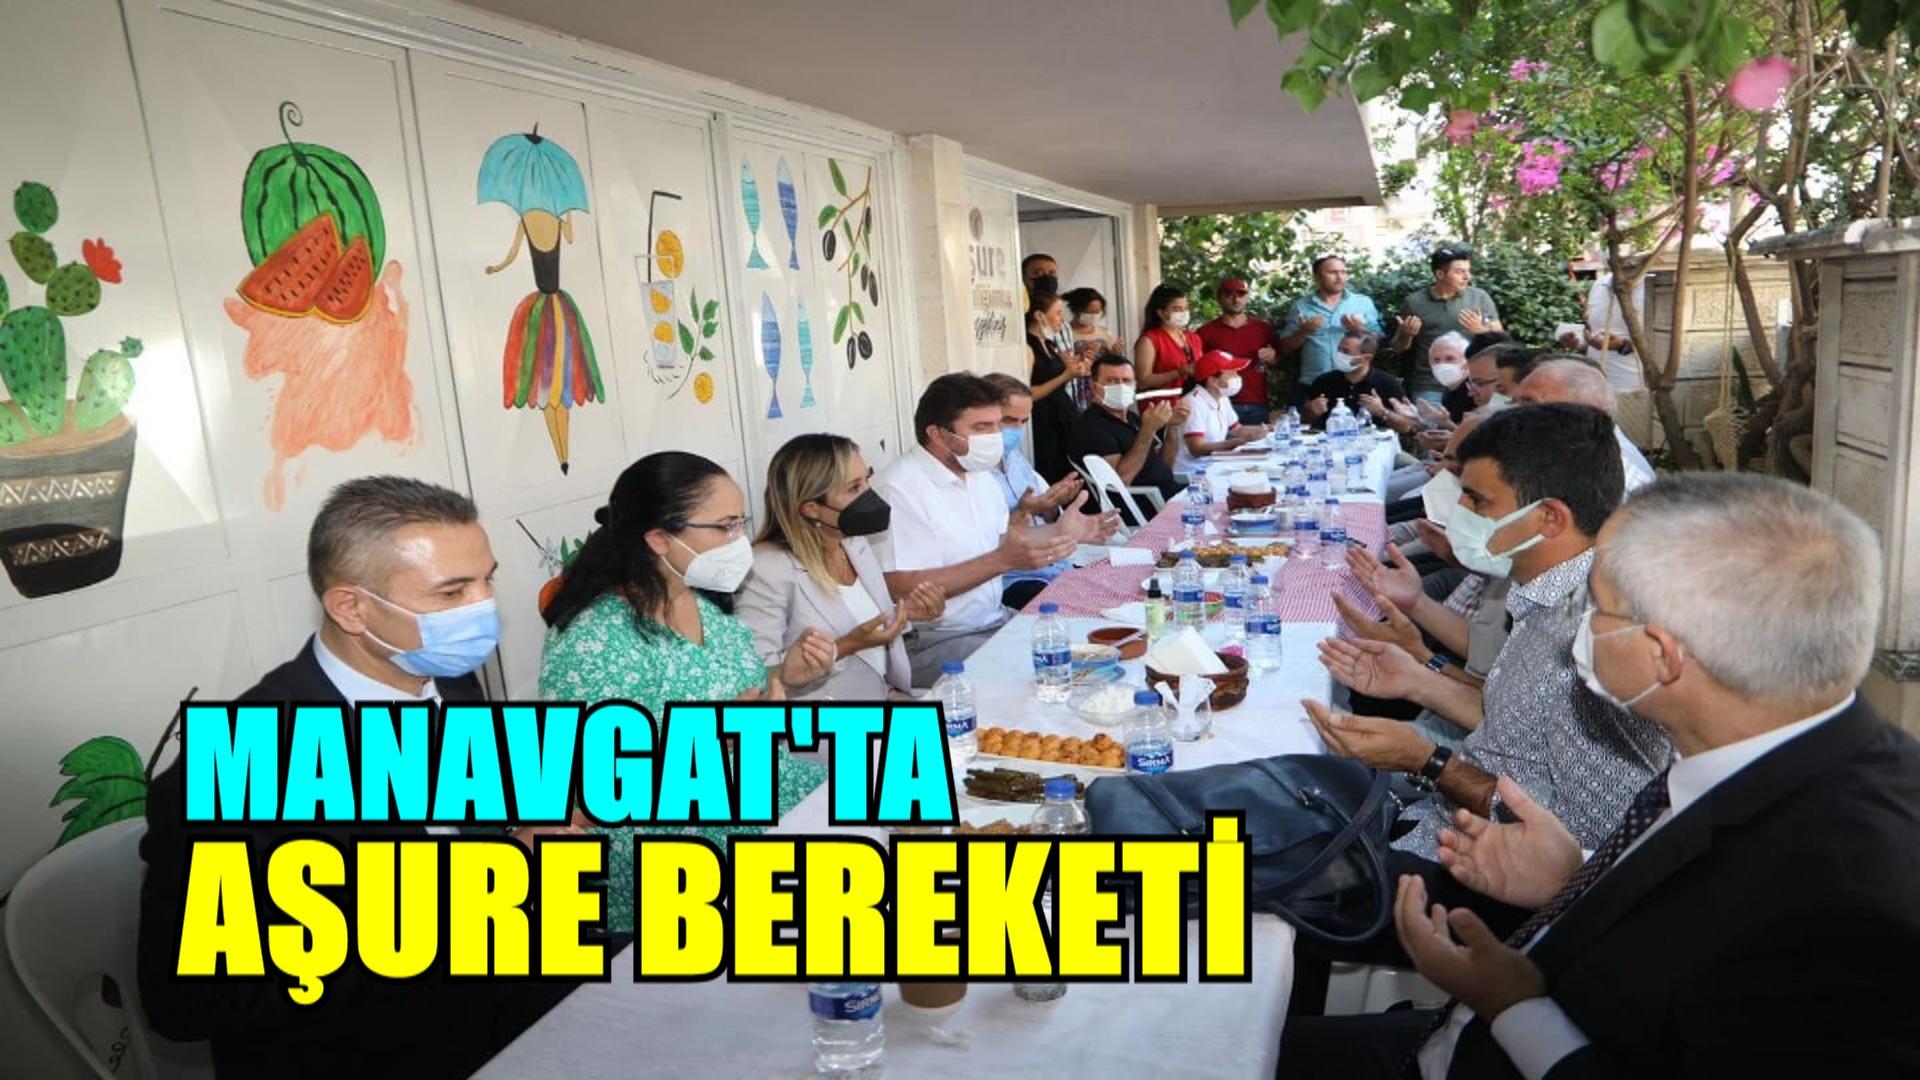 MANAVGAT'TA AŞURE BEREKETİ